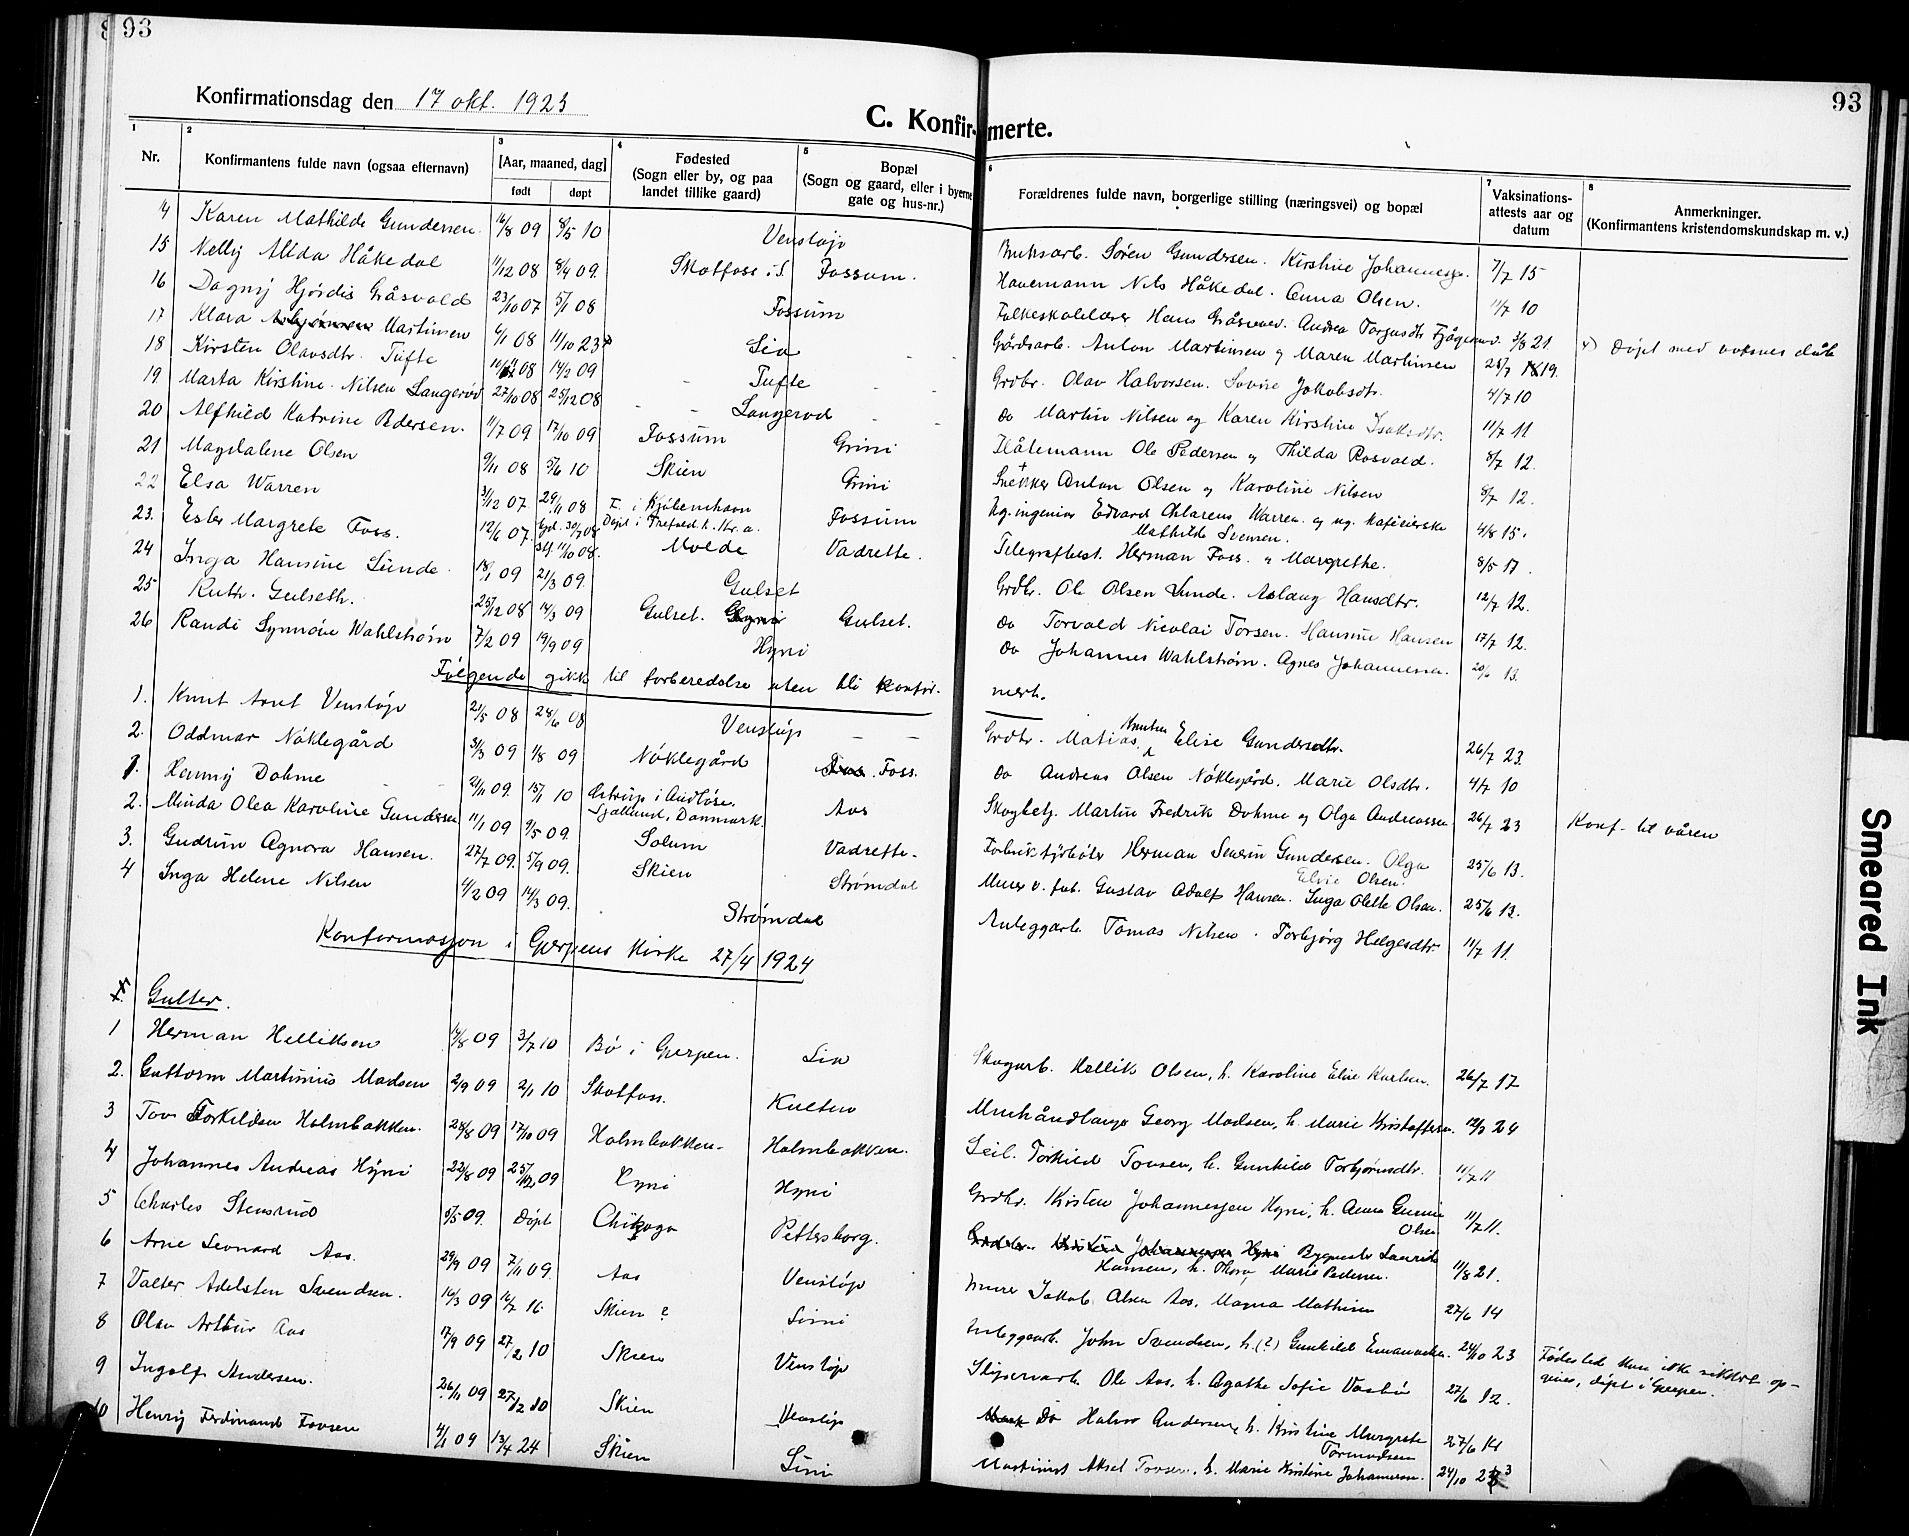 SAKO, Gjerpen kirkebøker, G/Ga/L0004: Klokkerbok nr. I 4, 1920-1931, s. 93